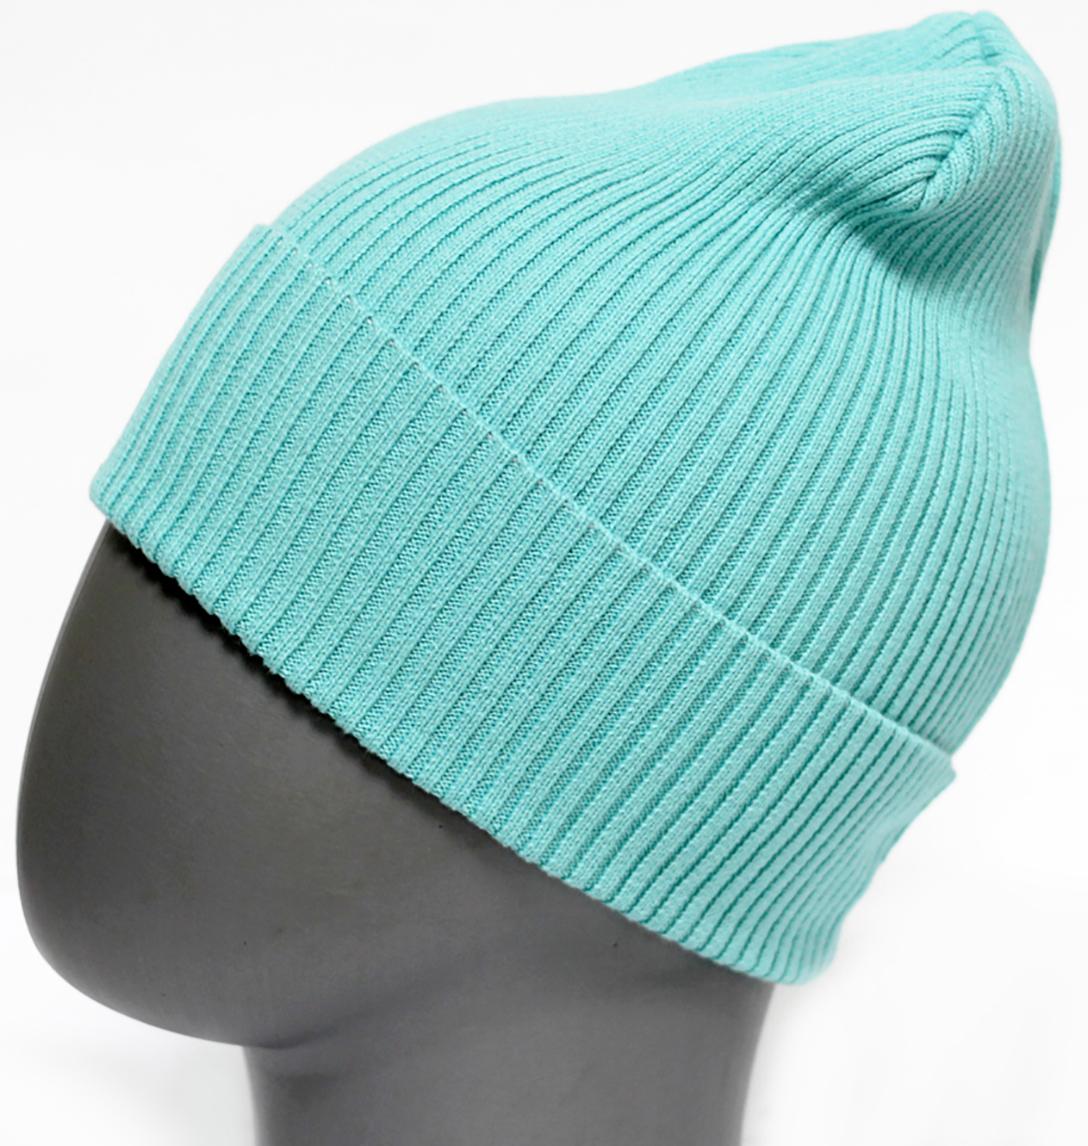 Шапка для девочки Marhatter, цвет: зеленый. MFH5605. Размер 55/56MFH5605Стильная однотонная шапка с отворотом, выполненная из хлопка. Отлично подойдет для ежедневных прогулок. Размер, доступный для заказа, является обхватом головы.